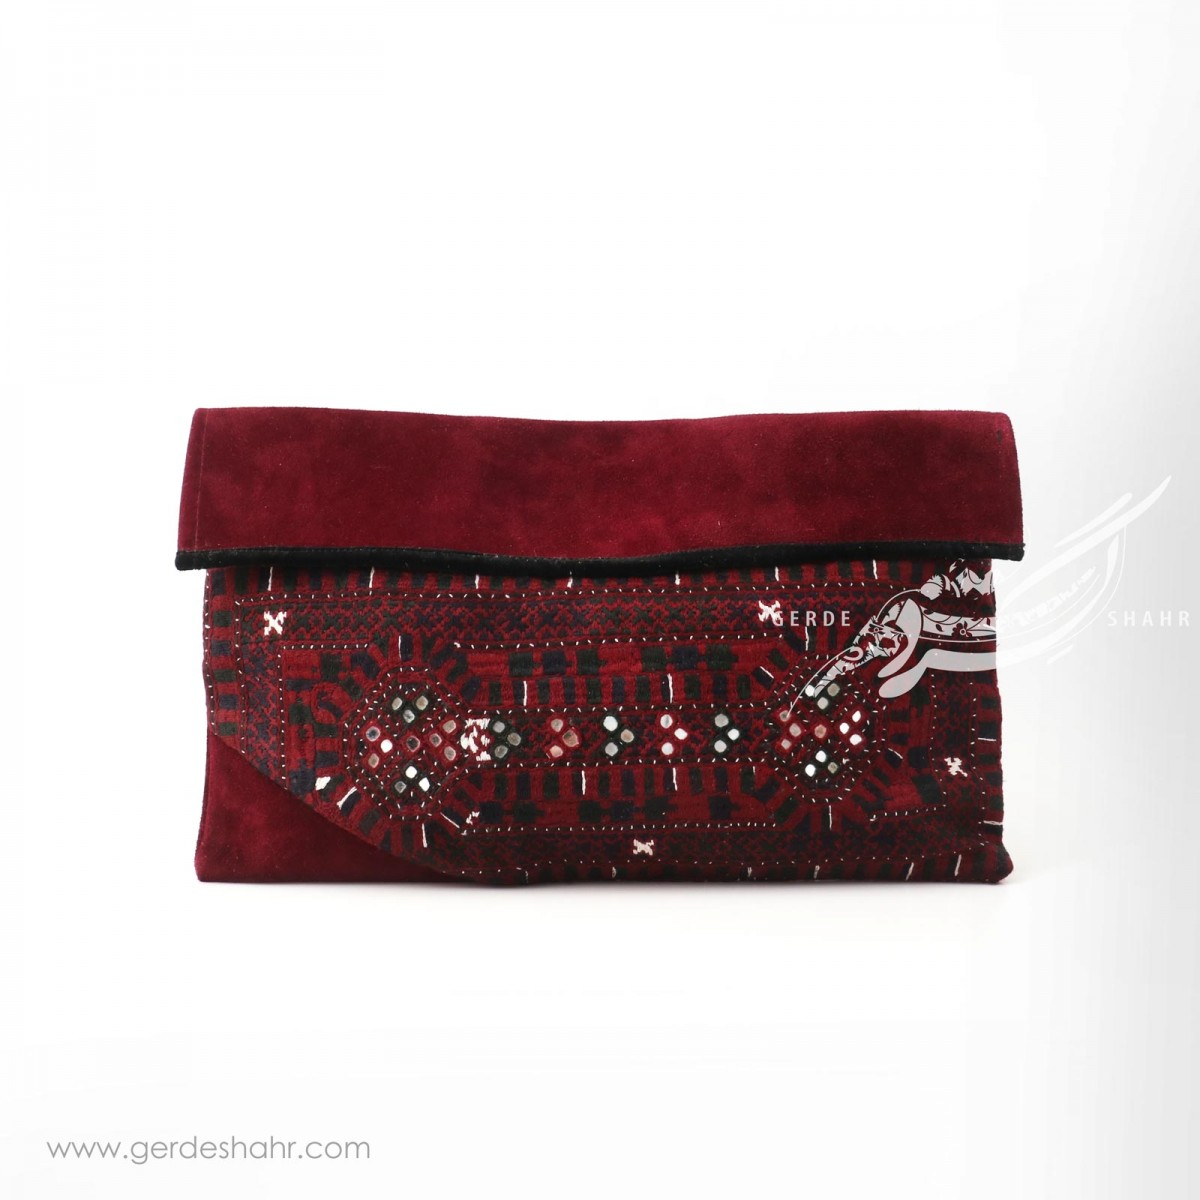 کیف چرم زرشکی و سوزندوری ترکمن دوز گنجه رخت